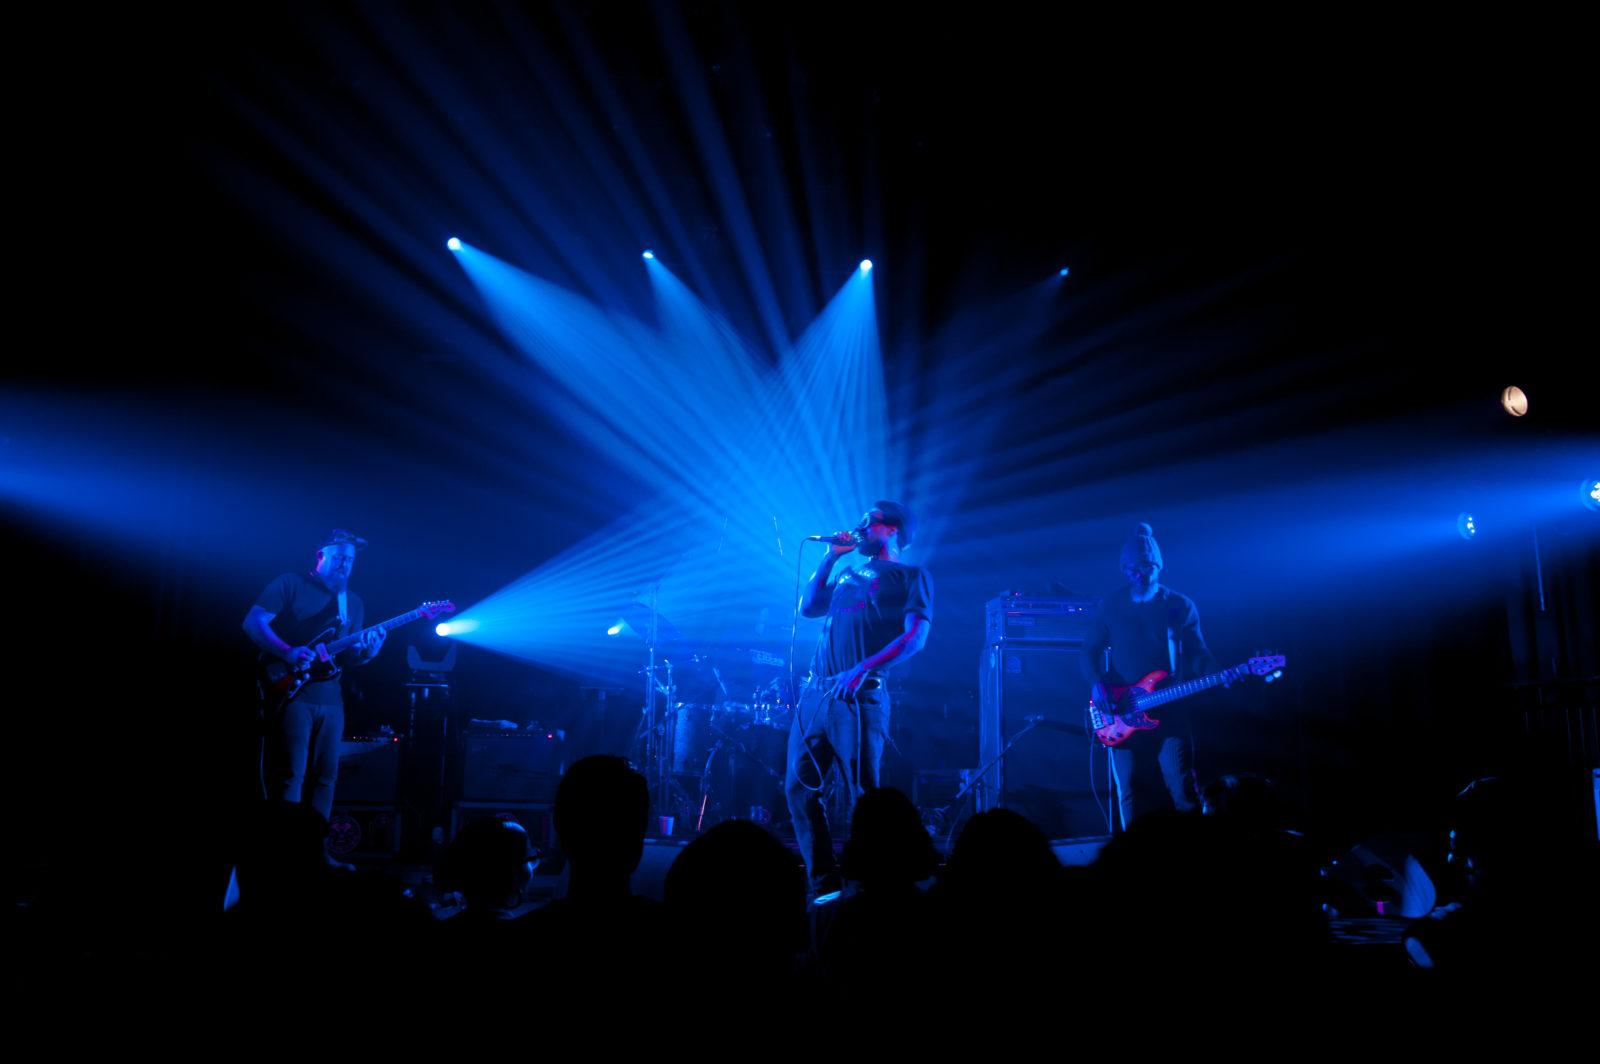 Concert de Bilal à Stereolux ©CEBlot